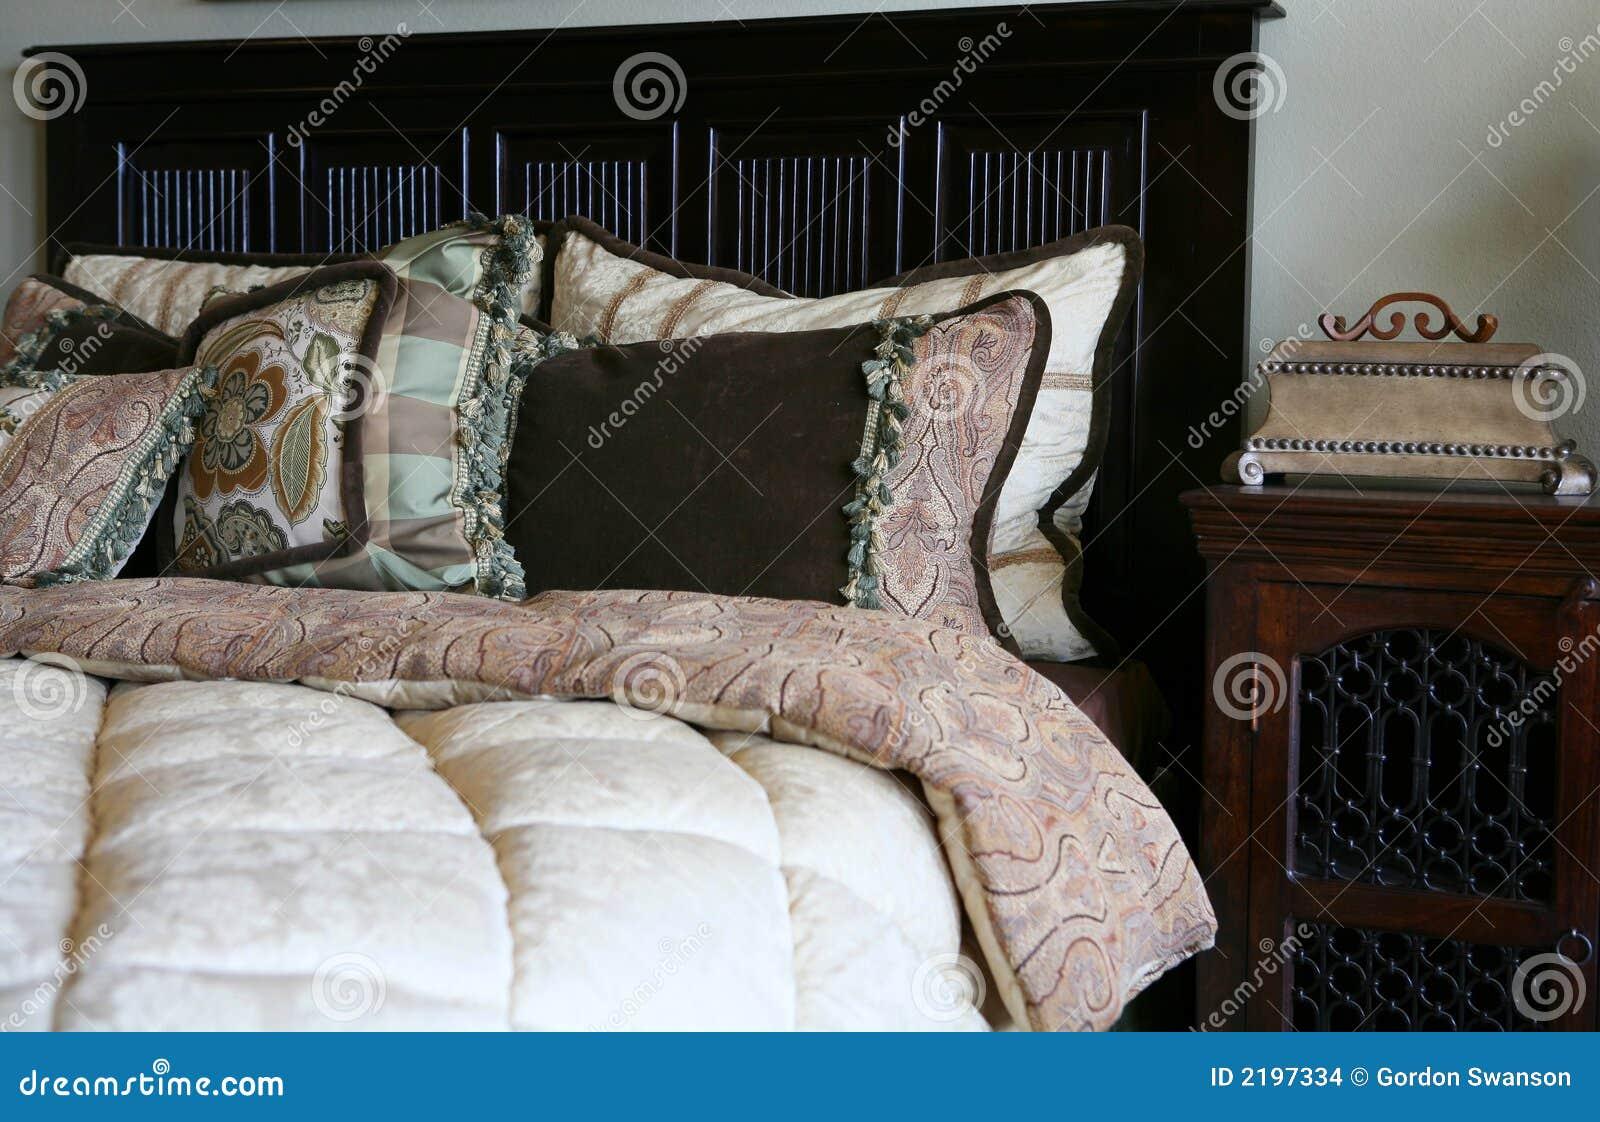 Slaapkamer Afbeeldingen : Slaapkamers Stock Afbeeldingen - Beeld ...